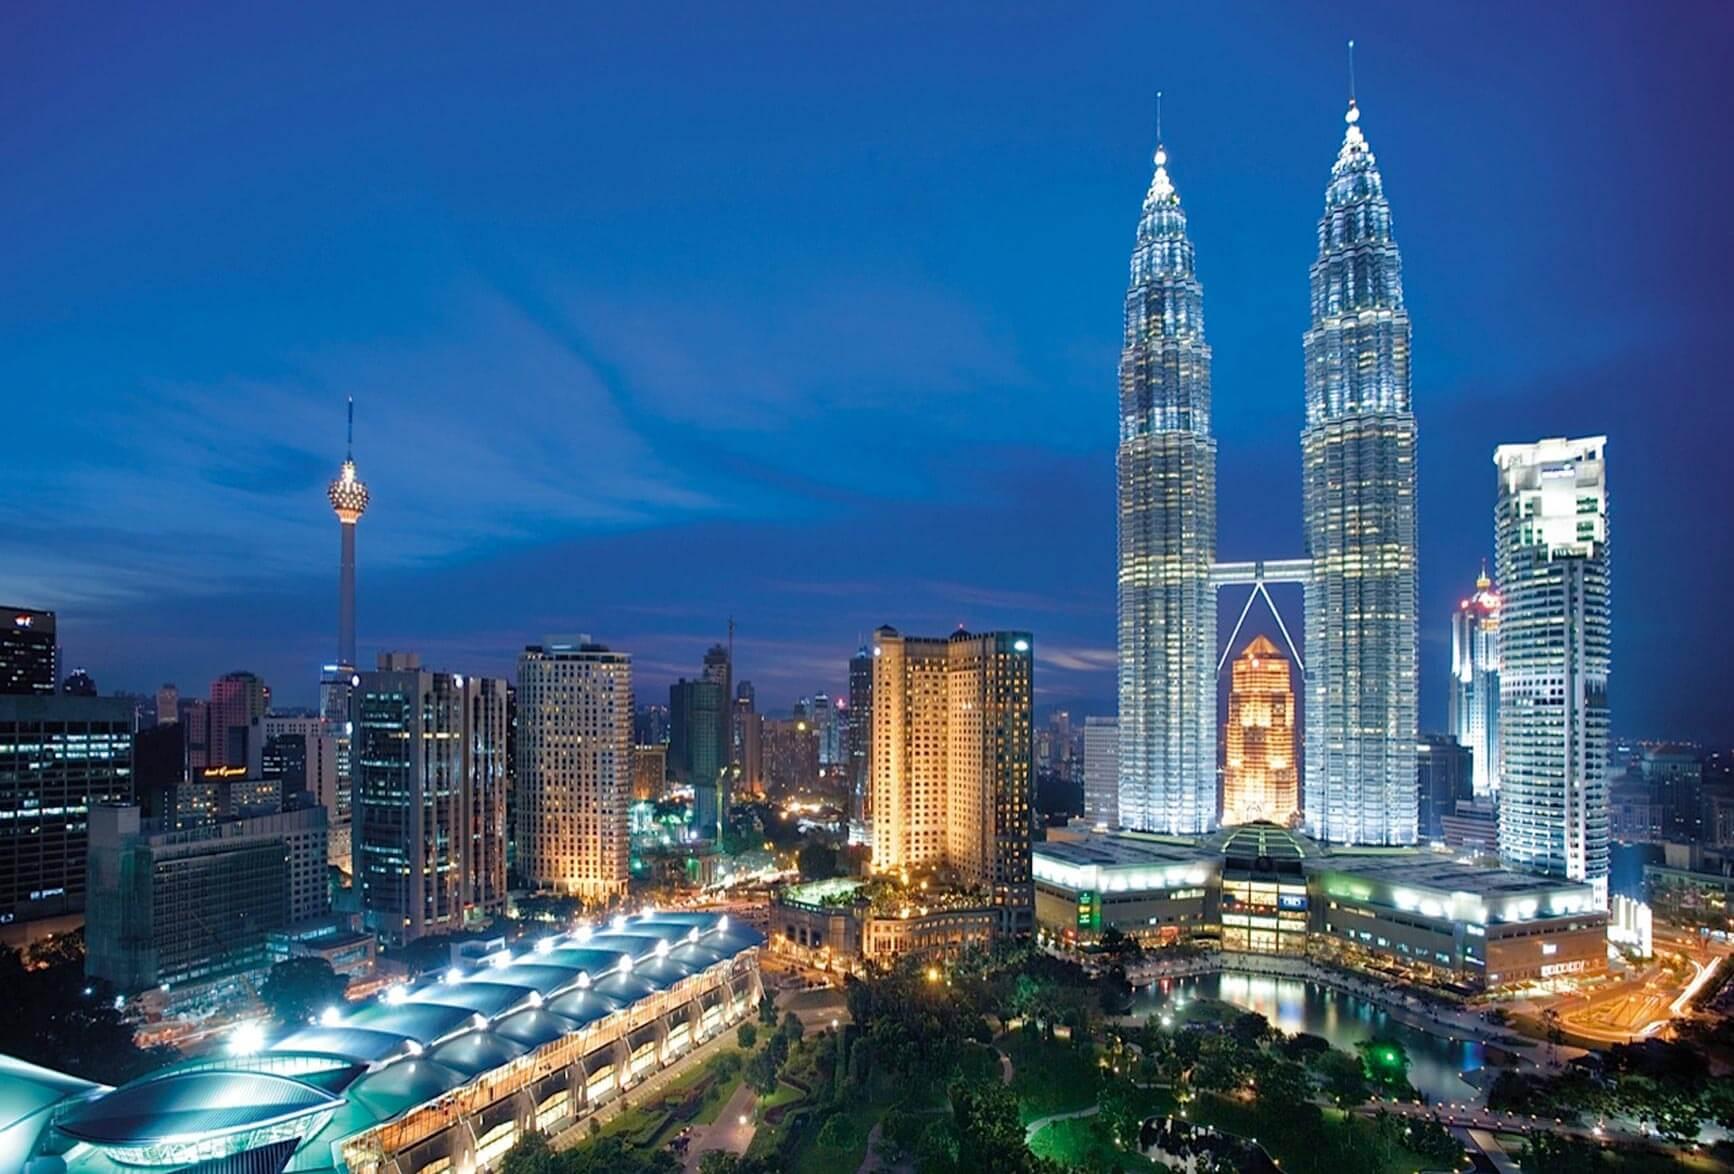 Malasia inició la regulación de ICO y el comercio de criptomonedas